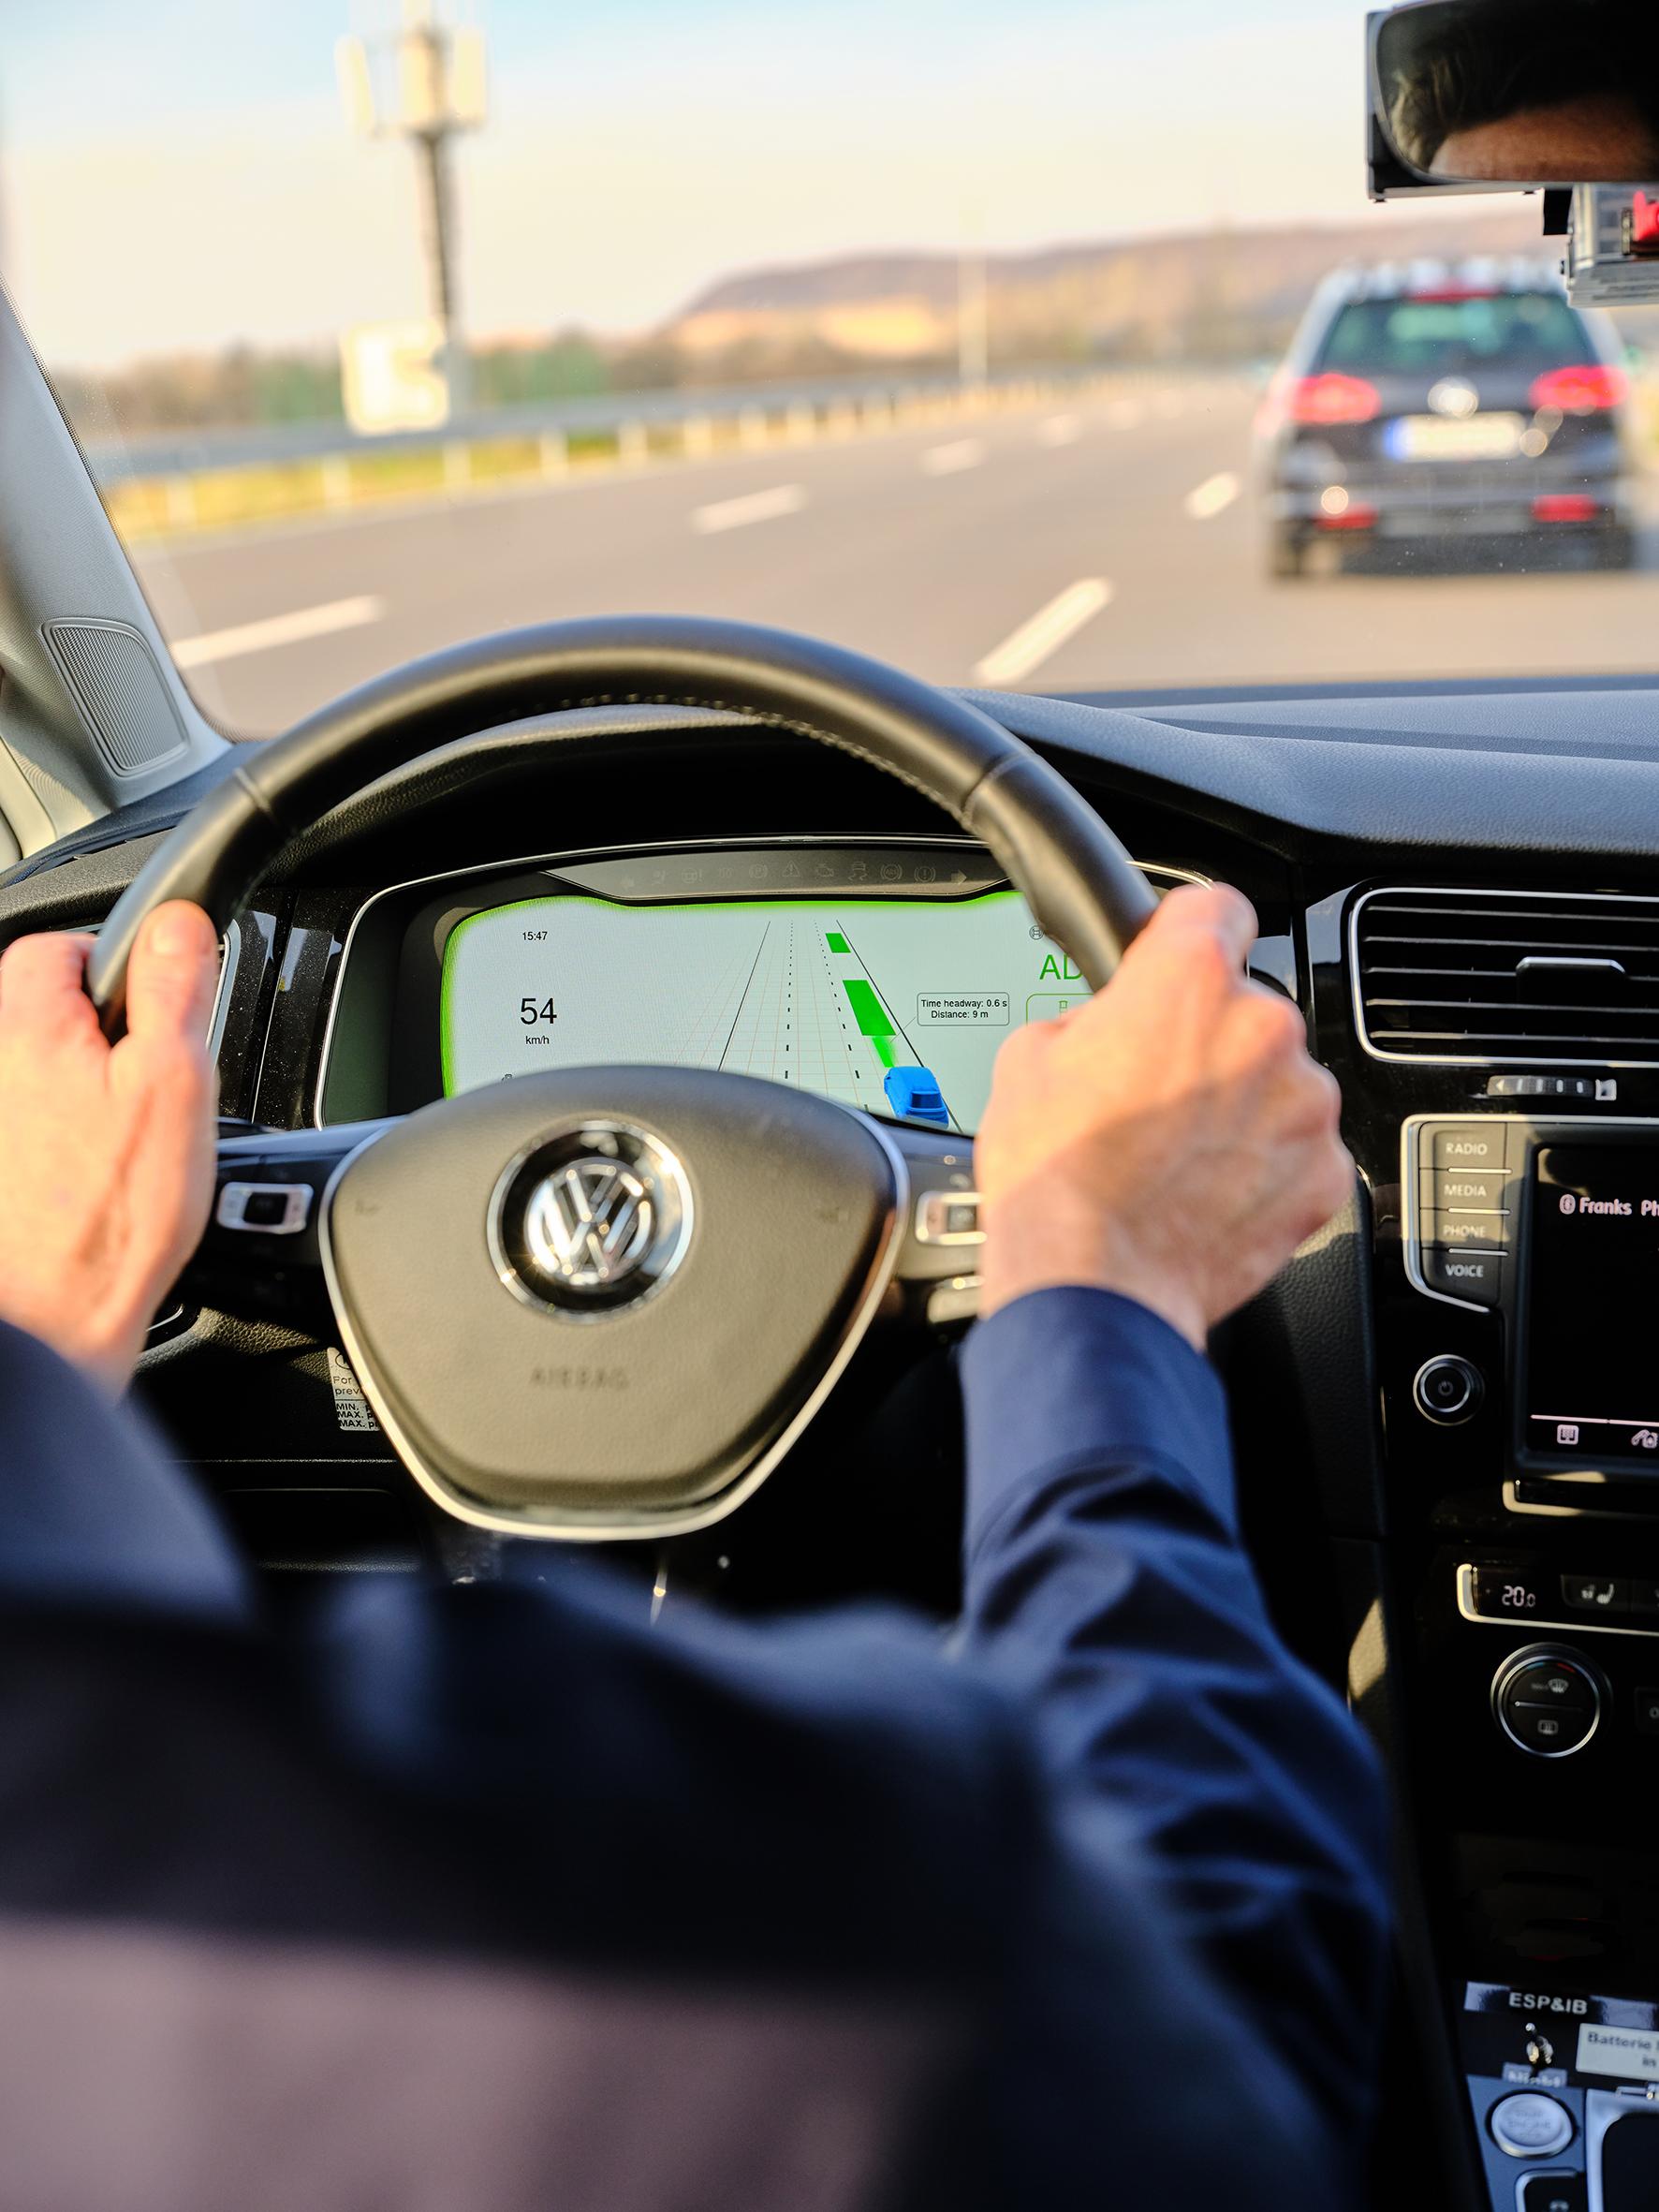 Una tappa fondamentale verso il traffico completamente connesso